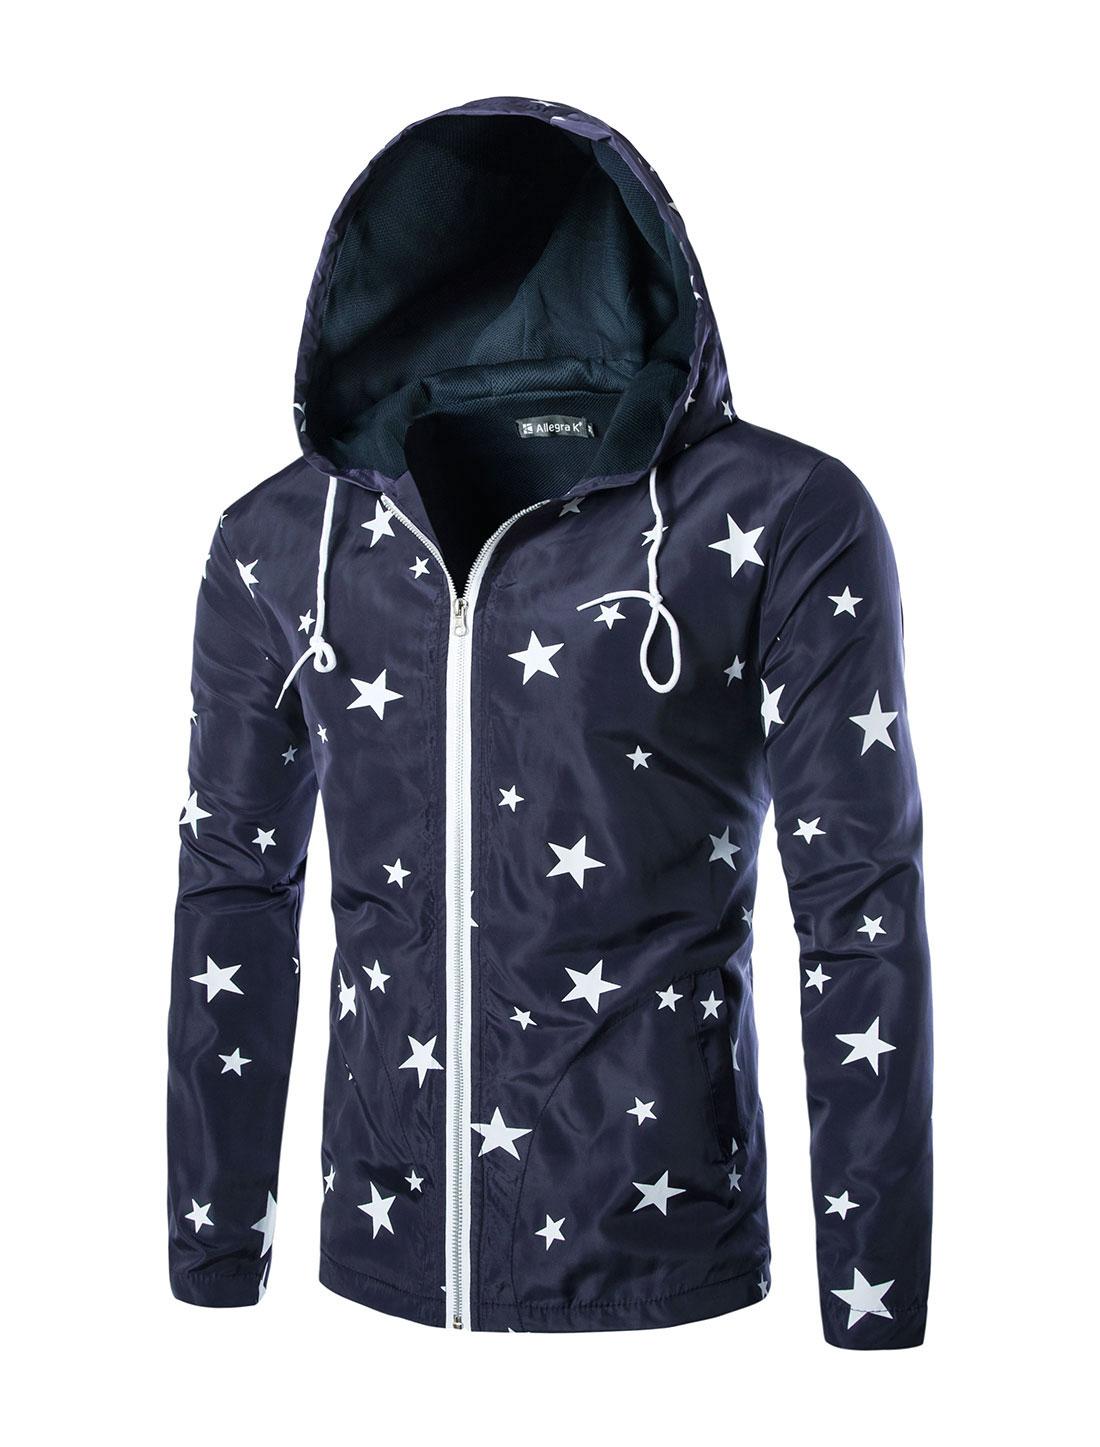 Men Long Sleeve Stars Zipper Front Windbreaker Jacket Navy Blue L